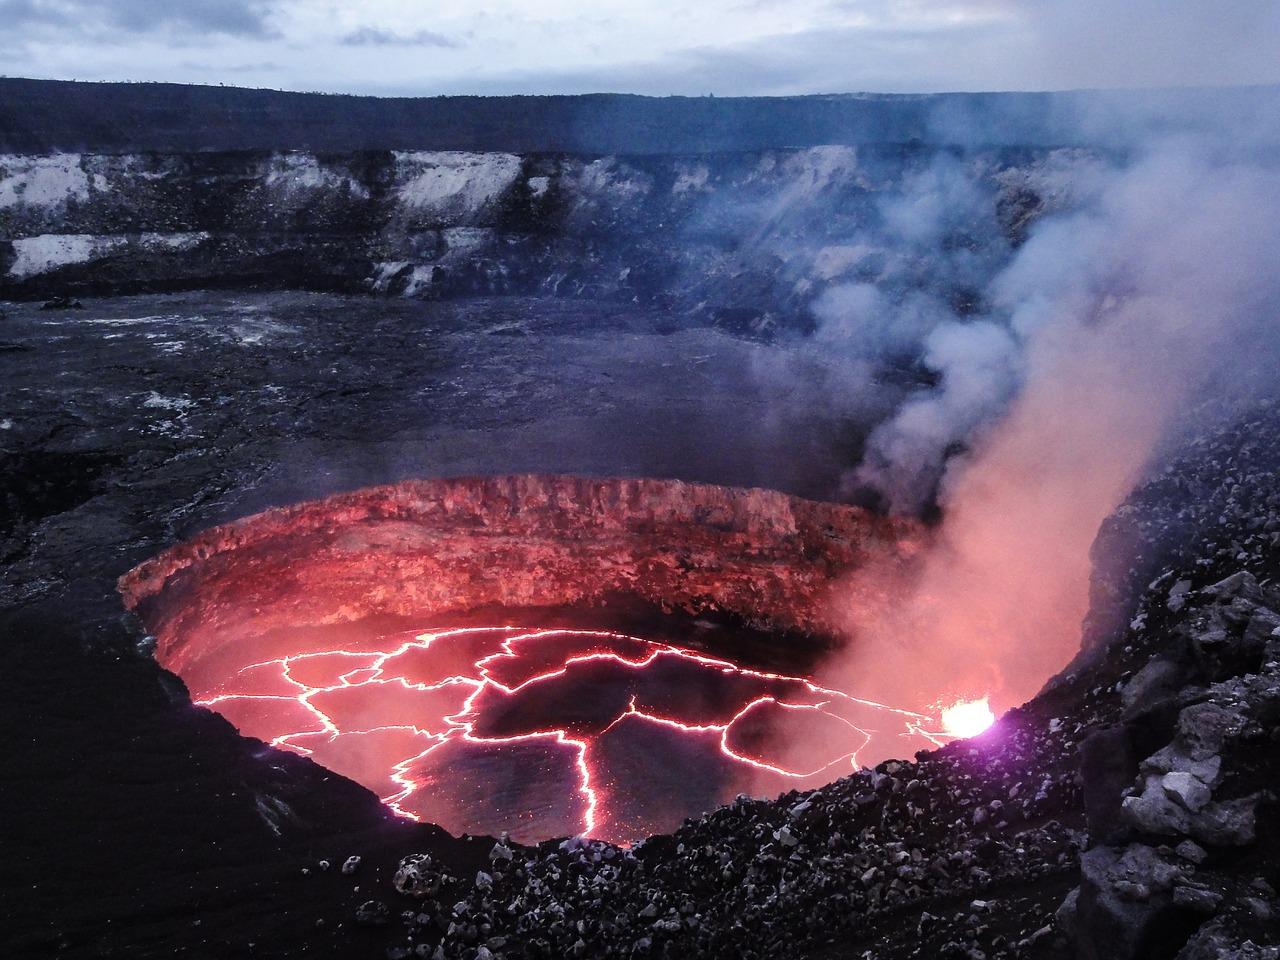 溶岩とマグマの違いって何!?わかりやすく説明するよ